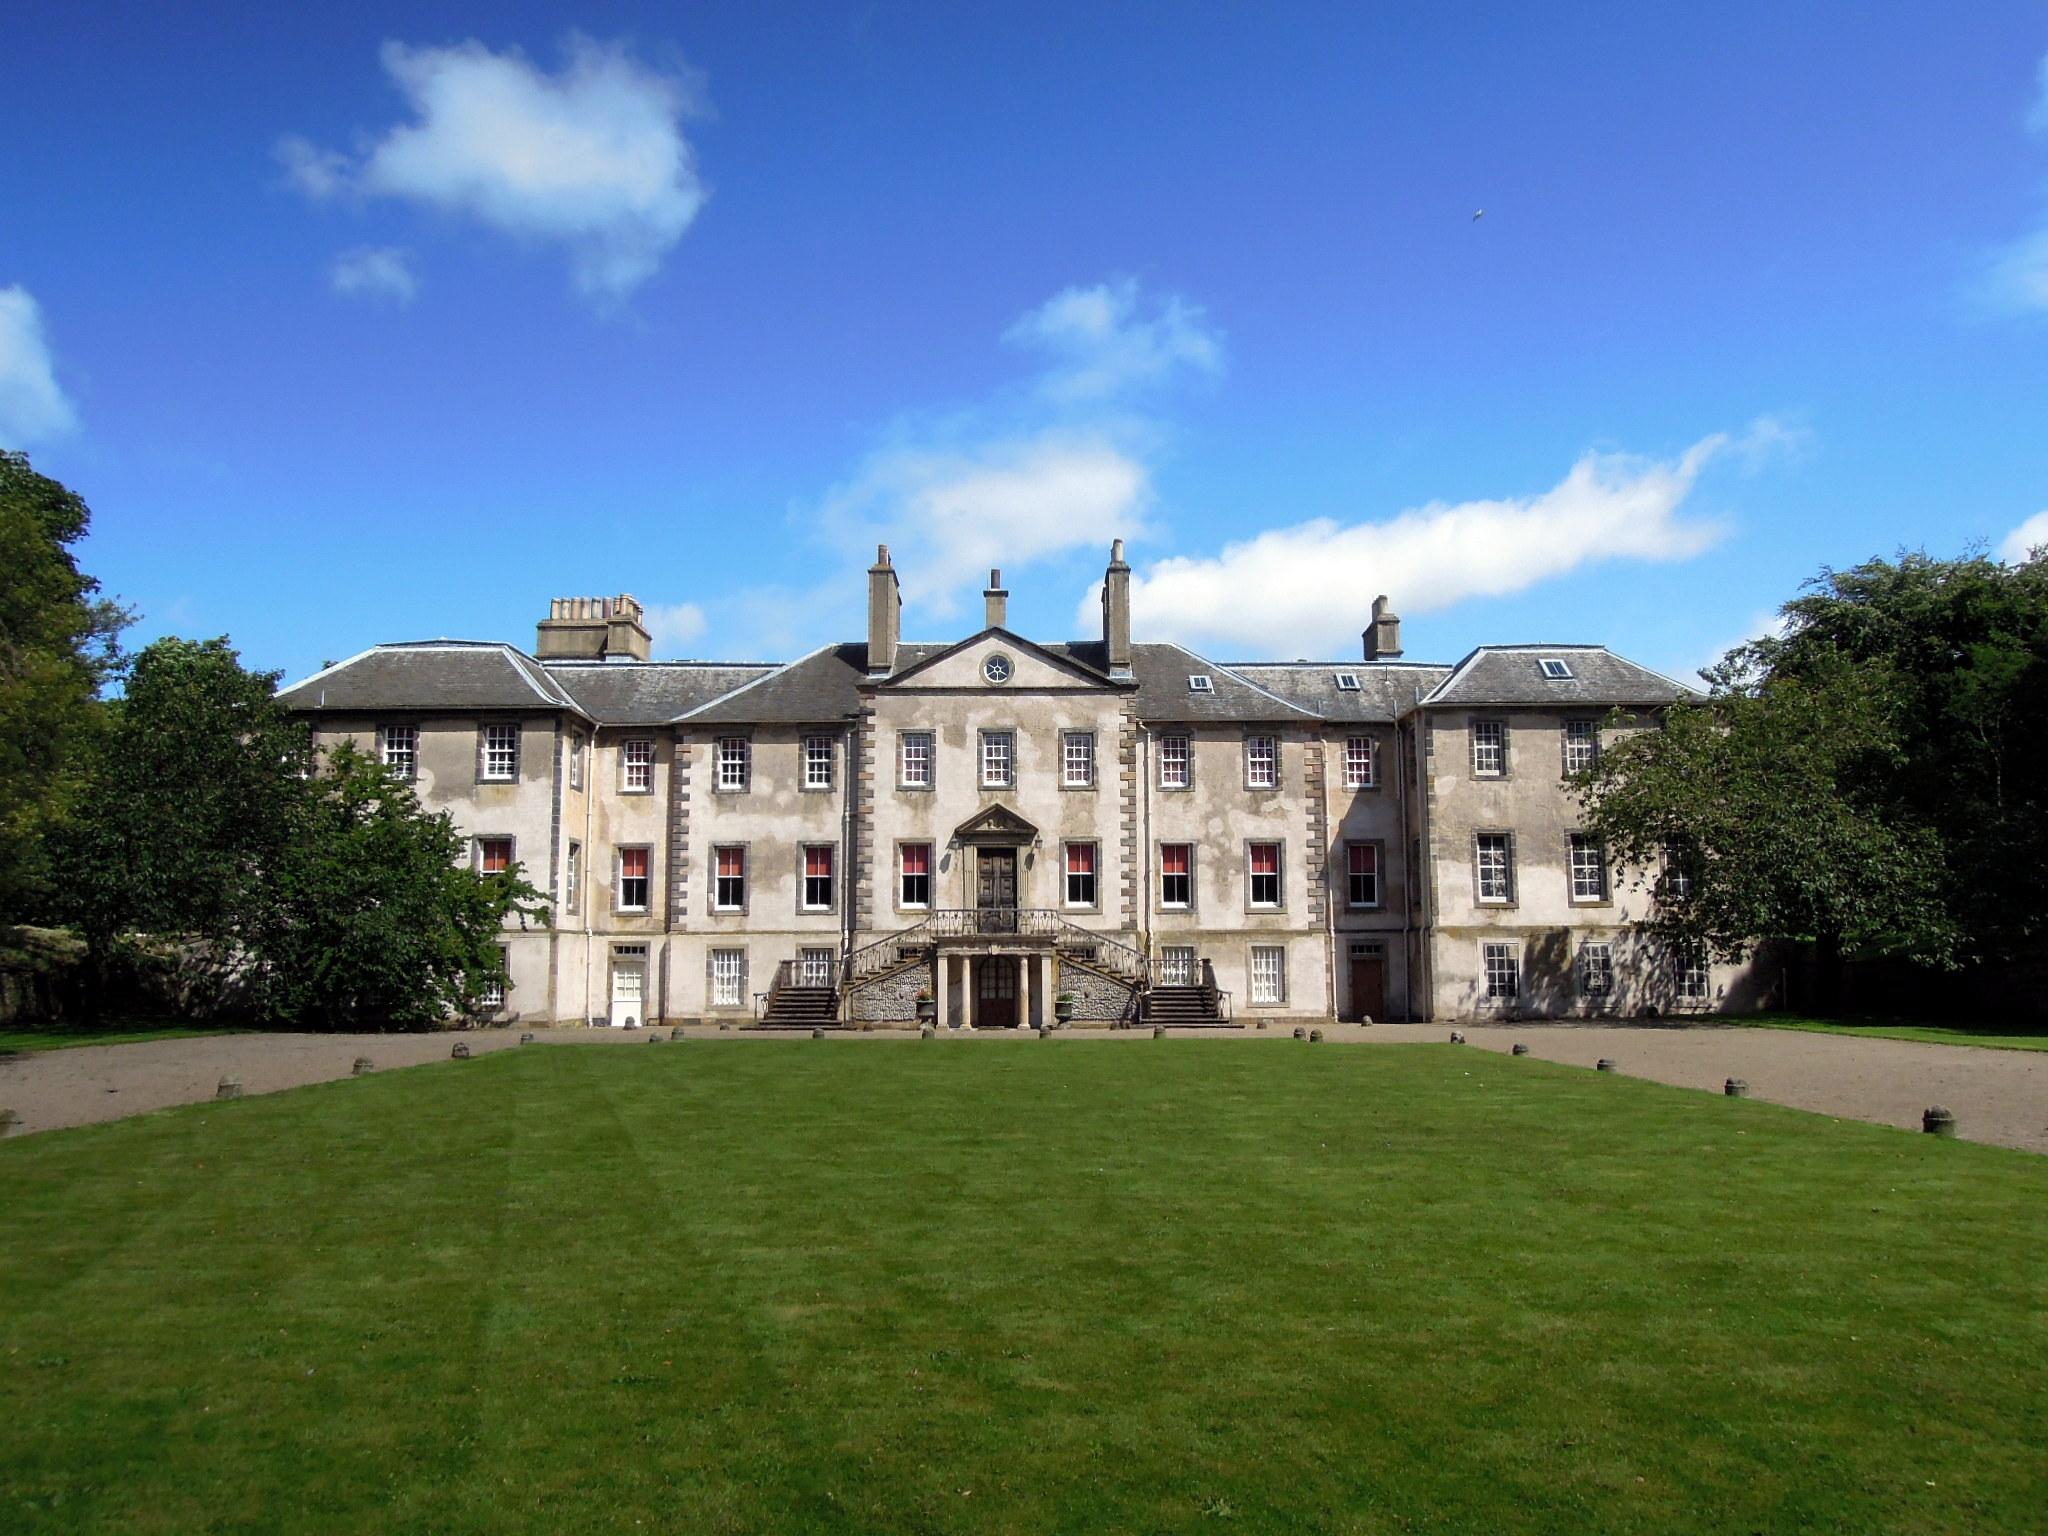 Edinburgh Newhailes House